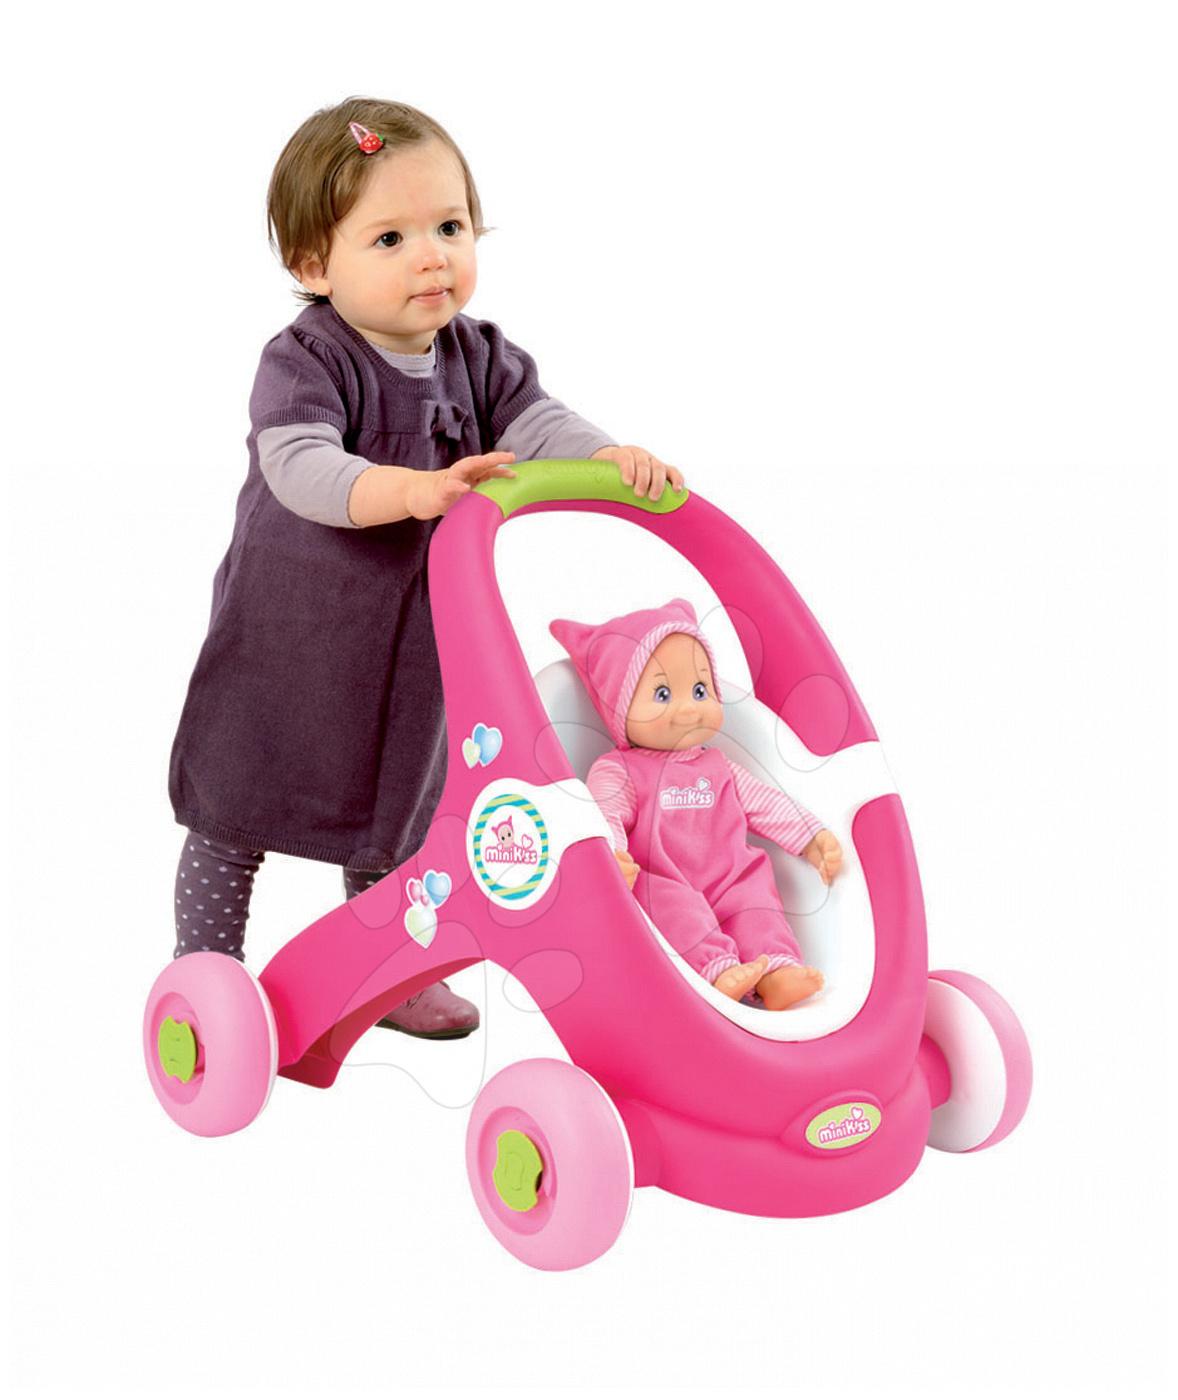 Cărucior de jucărie şi premergător 2in1 MiniKiss Smoby de la 12 luni